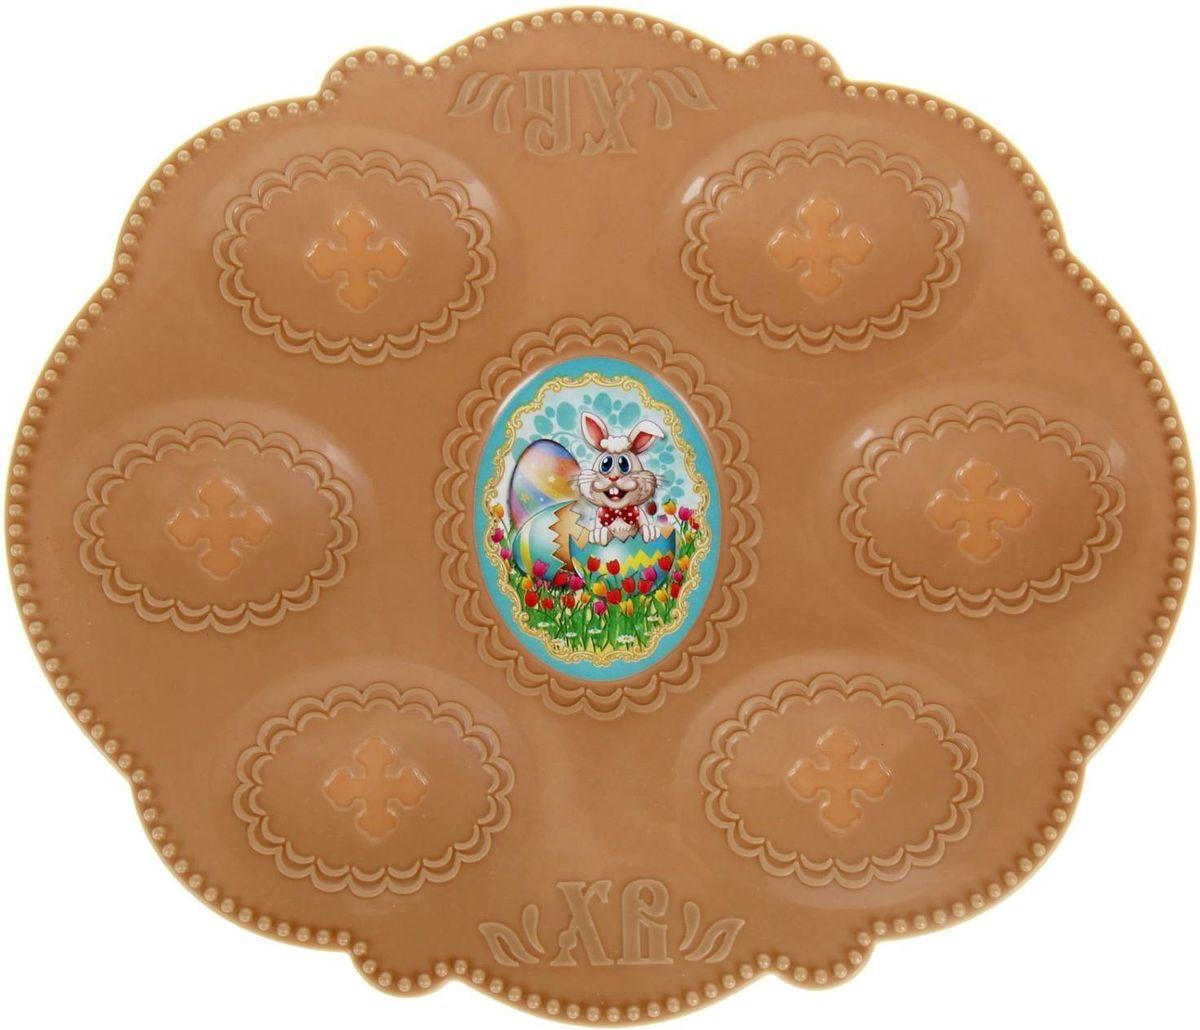 Подставка пасхальная Кролик, для 6 яиц, 21 х 18 см. 10025951002595Пасхальная подставка для 6 яиц изготовлена из качественного пластика, в центре имеется яркая вставка. Аксессуар станет достойным украшением праздничного стола, создаст радостное настроение и наполнит пространство вашего дома благостной энергией на весь год вперёд. Подставка будет ценным памятным подарком для родных, друзей и коллег. Радости, добра и света вам и вашим близким!